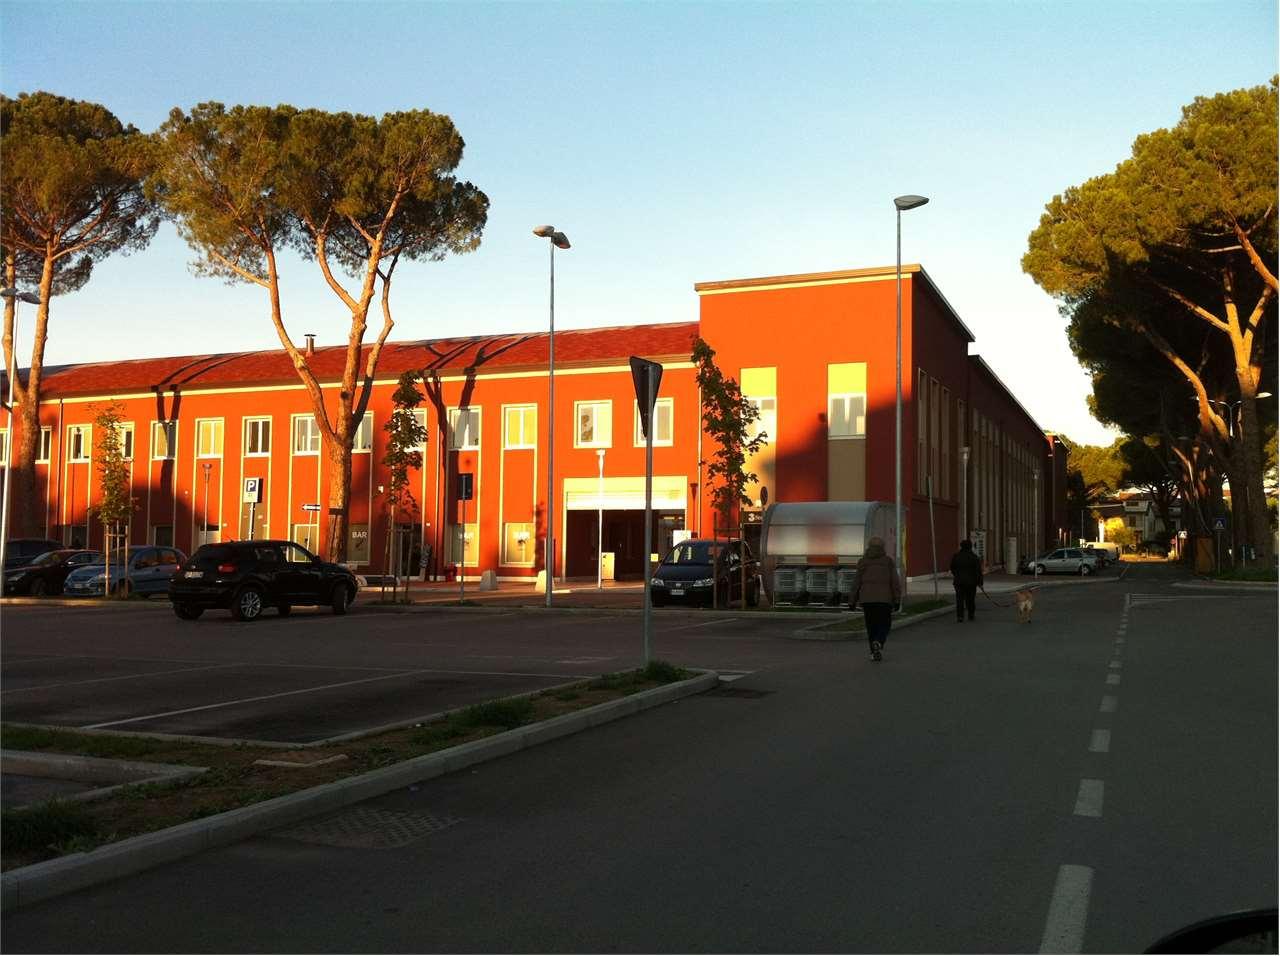 Ufficio / Studio in vendita a Bastia Umbra, 1 locali, prezzo € 180.000 | Cambio Casa.it